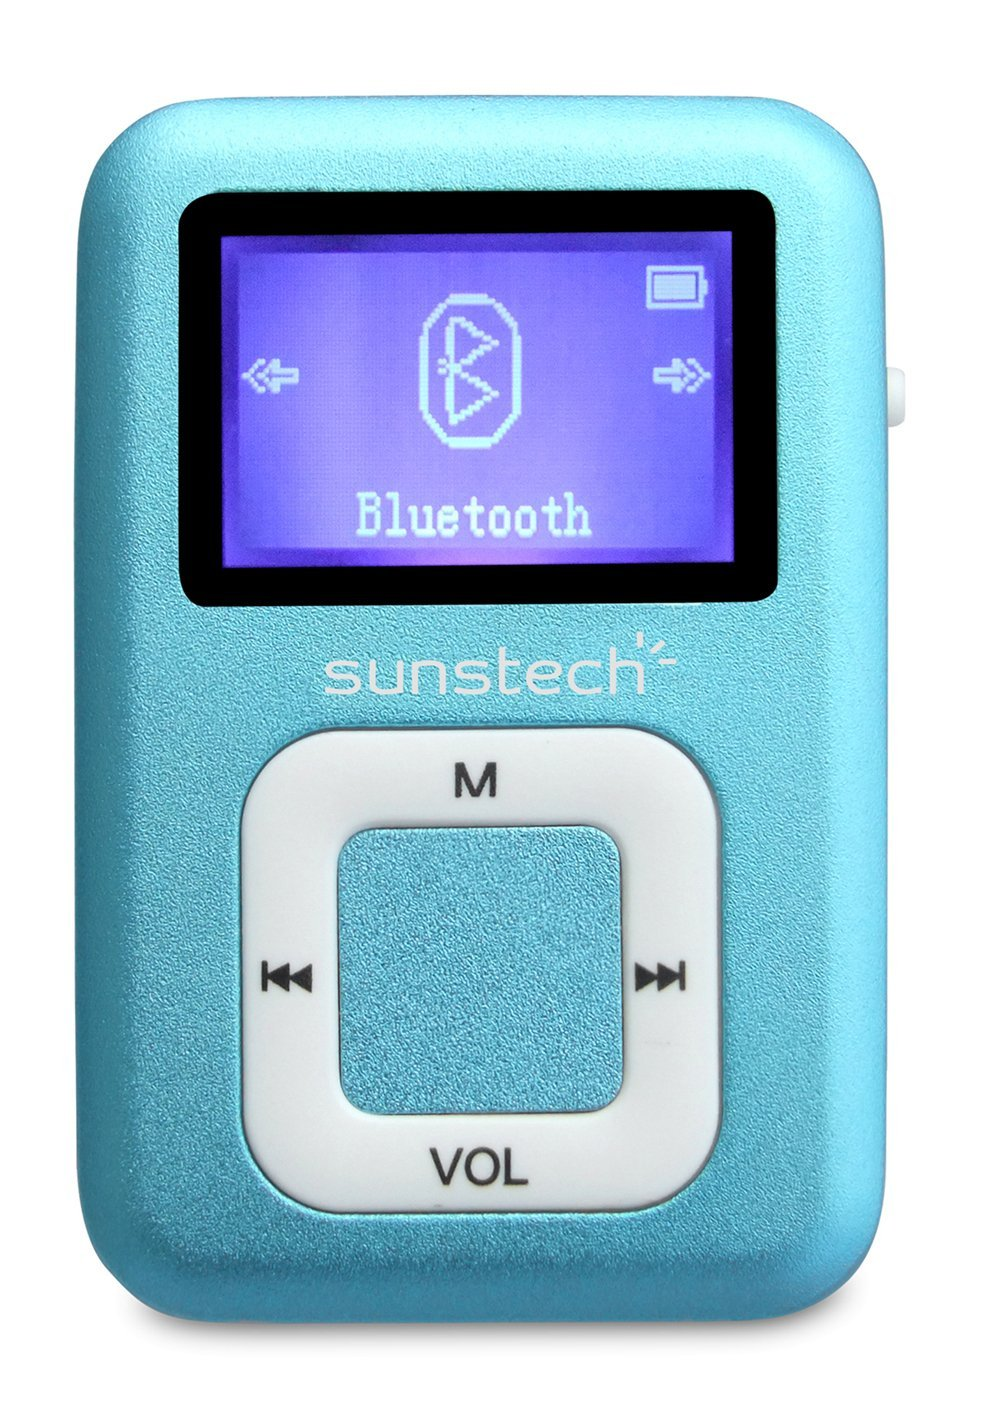 Sunstech dedalobt4gbbl tập tin MP3 Player to 2.8 cm (Bluetooth, 4 GB, FM, chức năng ghi âm), màu xan